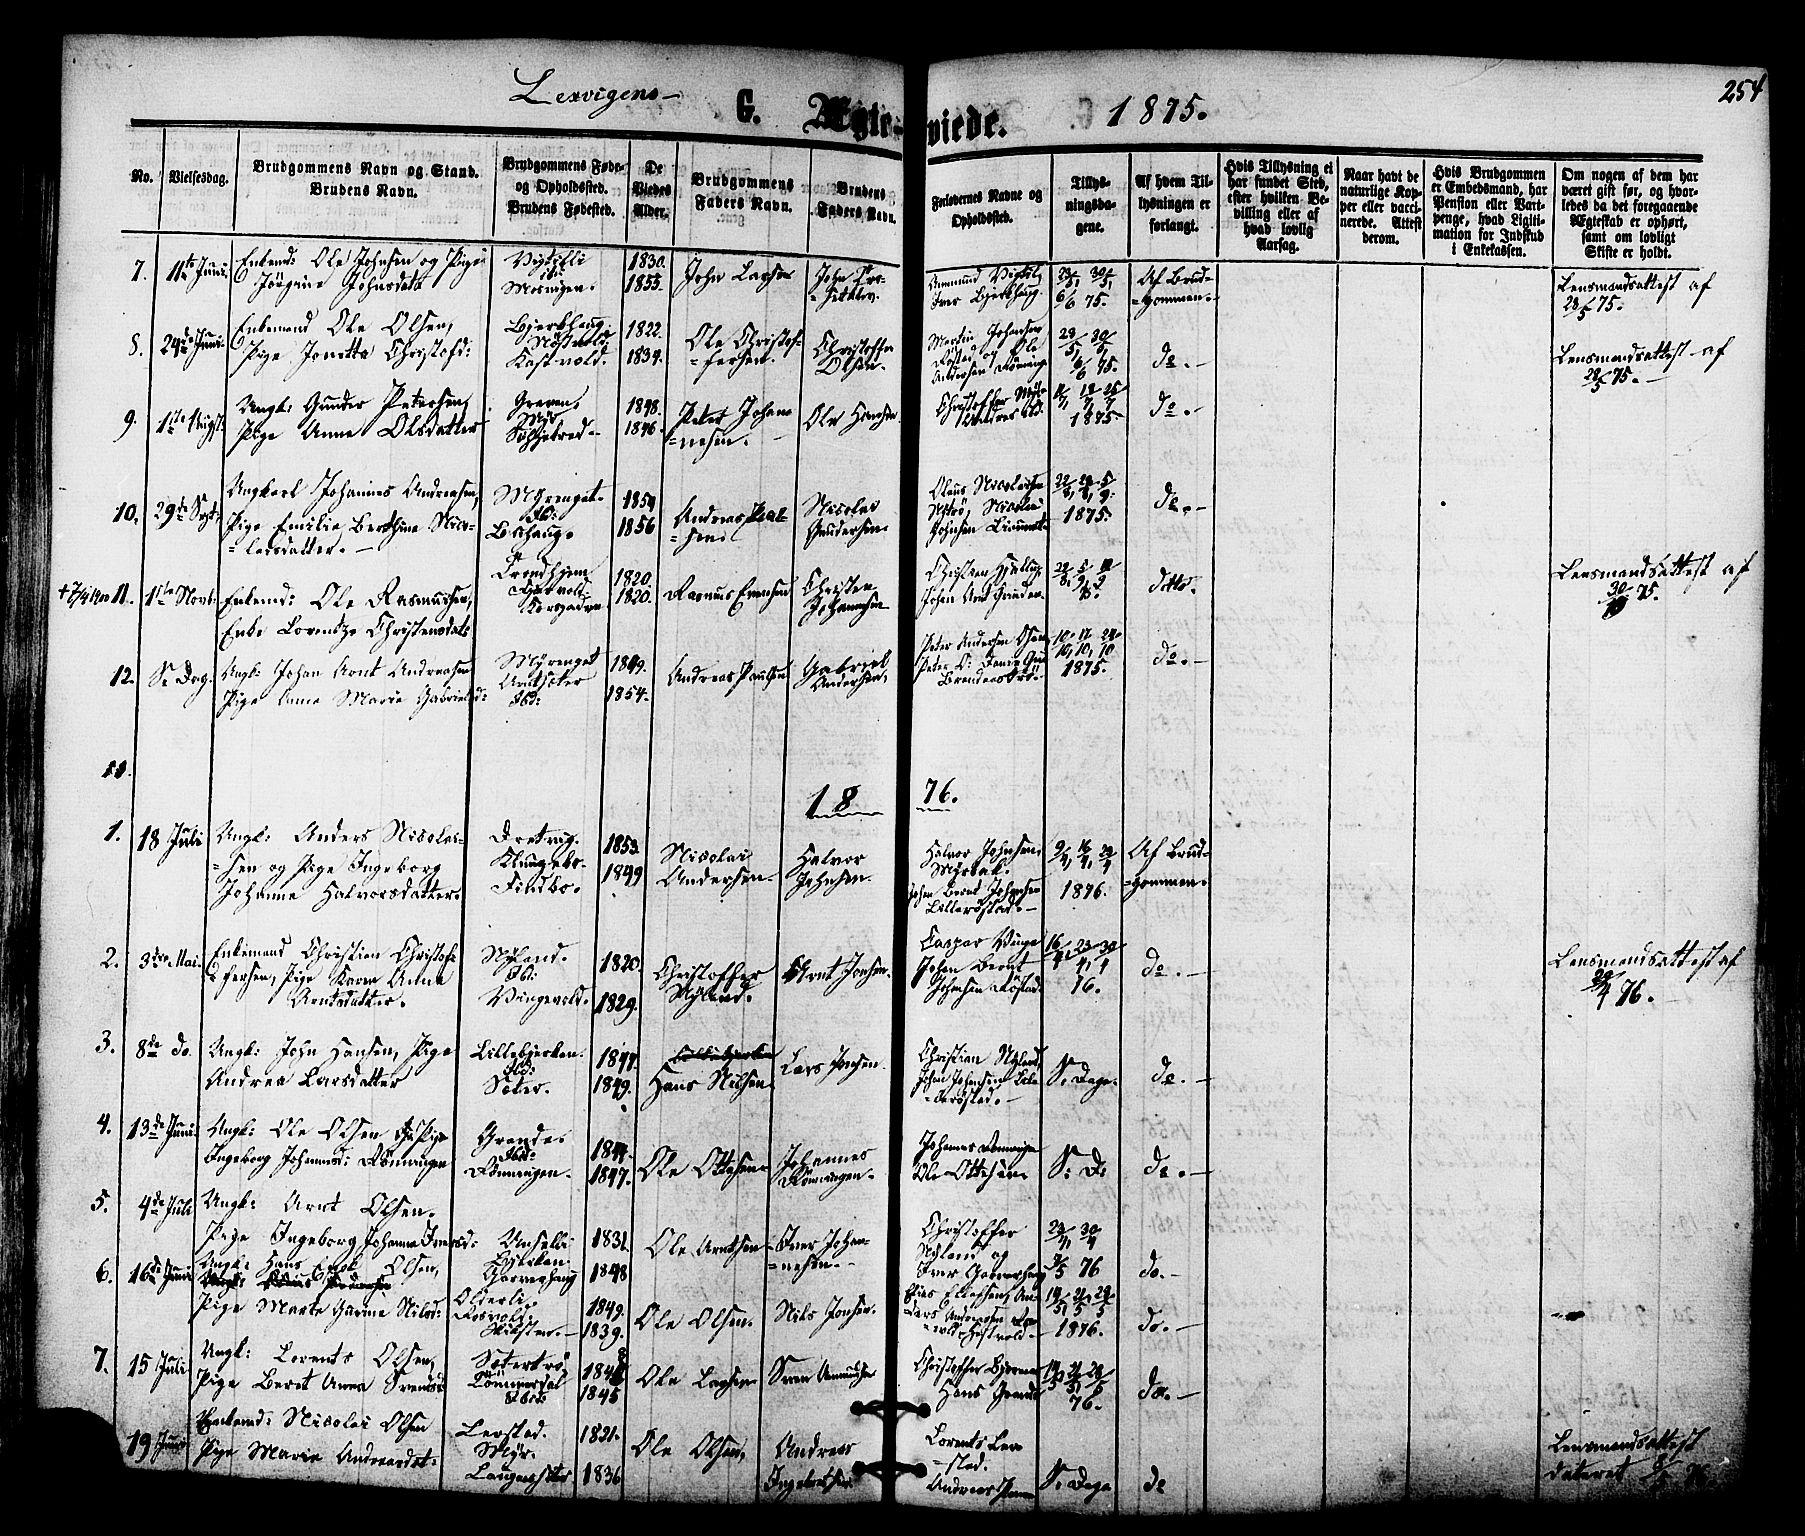 SAT, Ministerialprotokoller, klokkerbøker og fødselsregistre - Nord-Trøndelag, 701/L0009: Ministerialbok nr. 701A09 /1, 1864-1882, s. 254